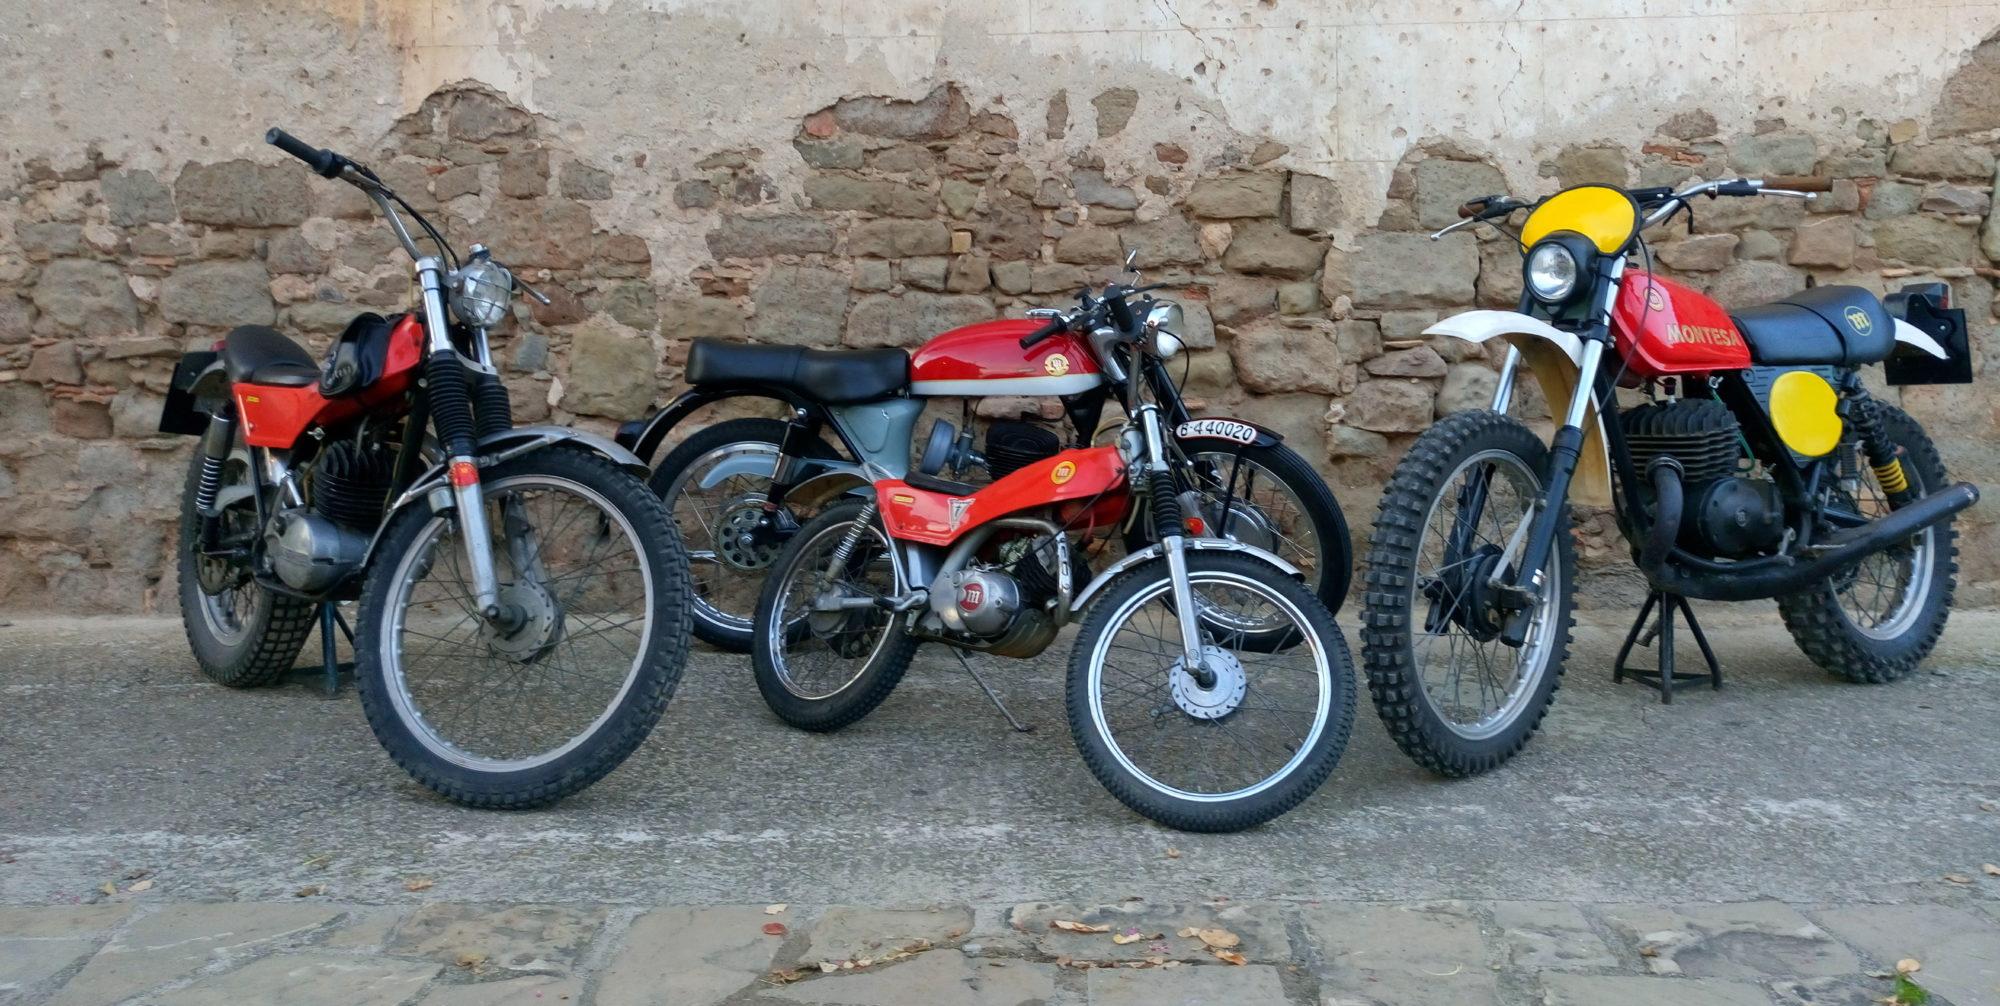 Associació de Motos Clàssiques Montesa